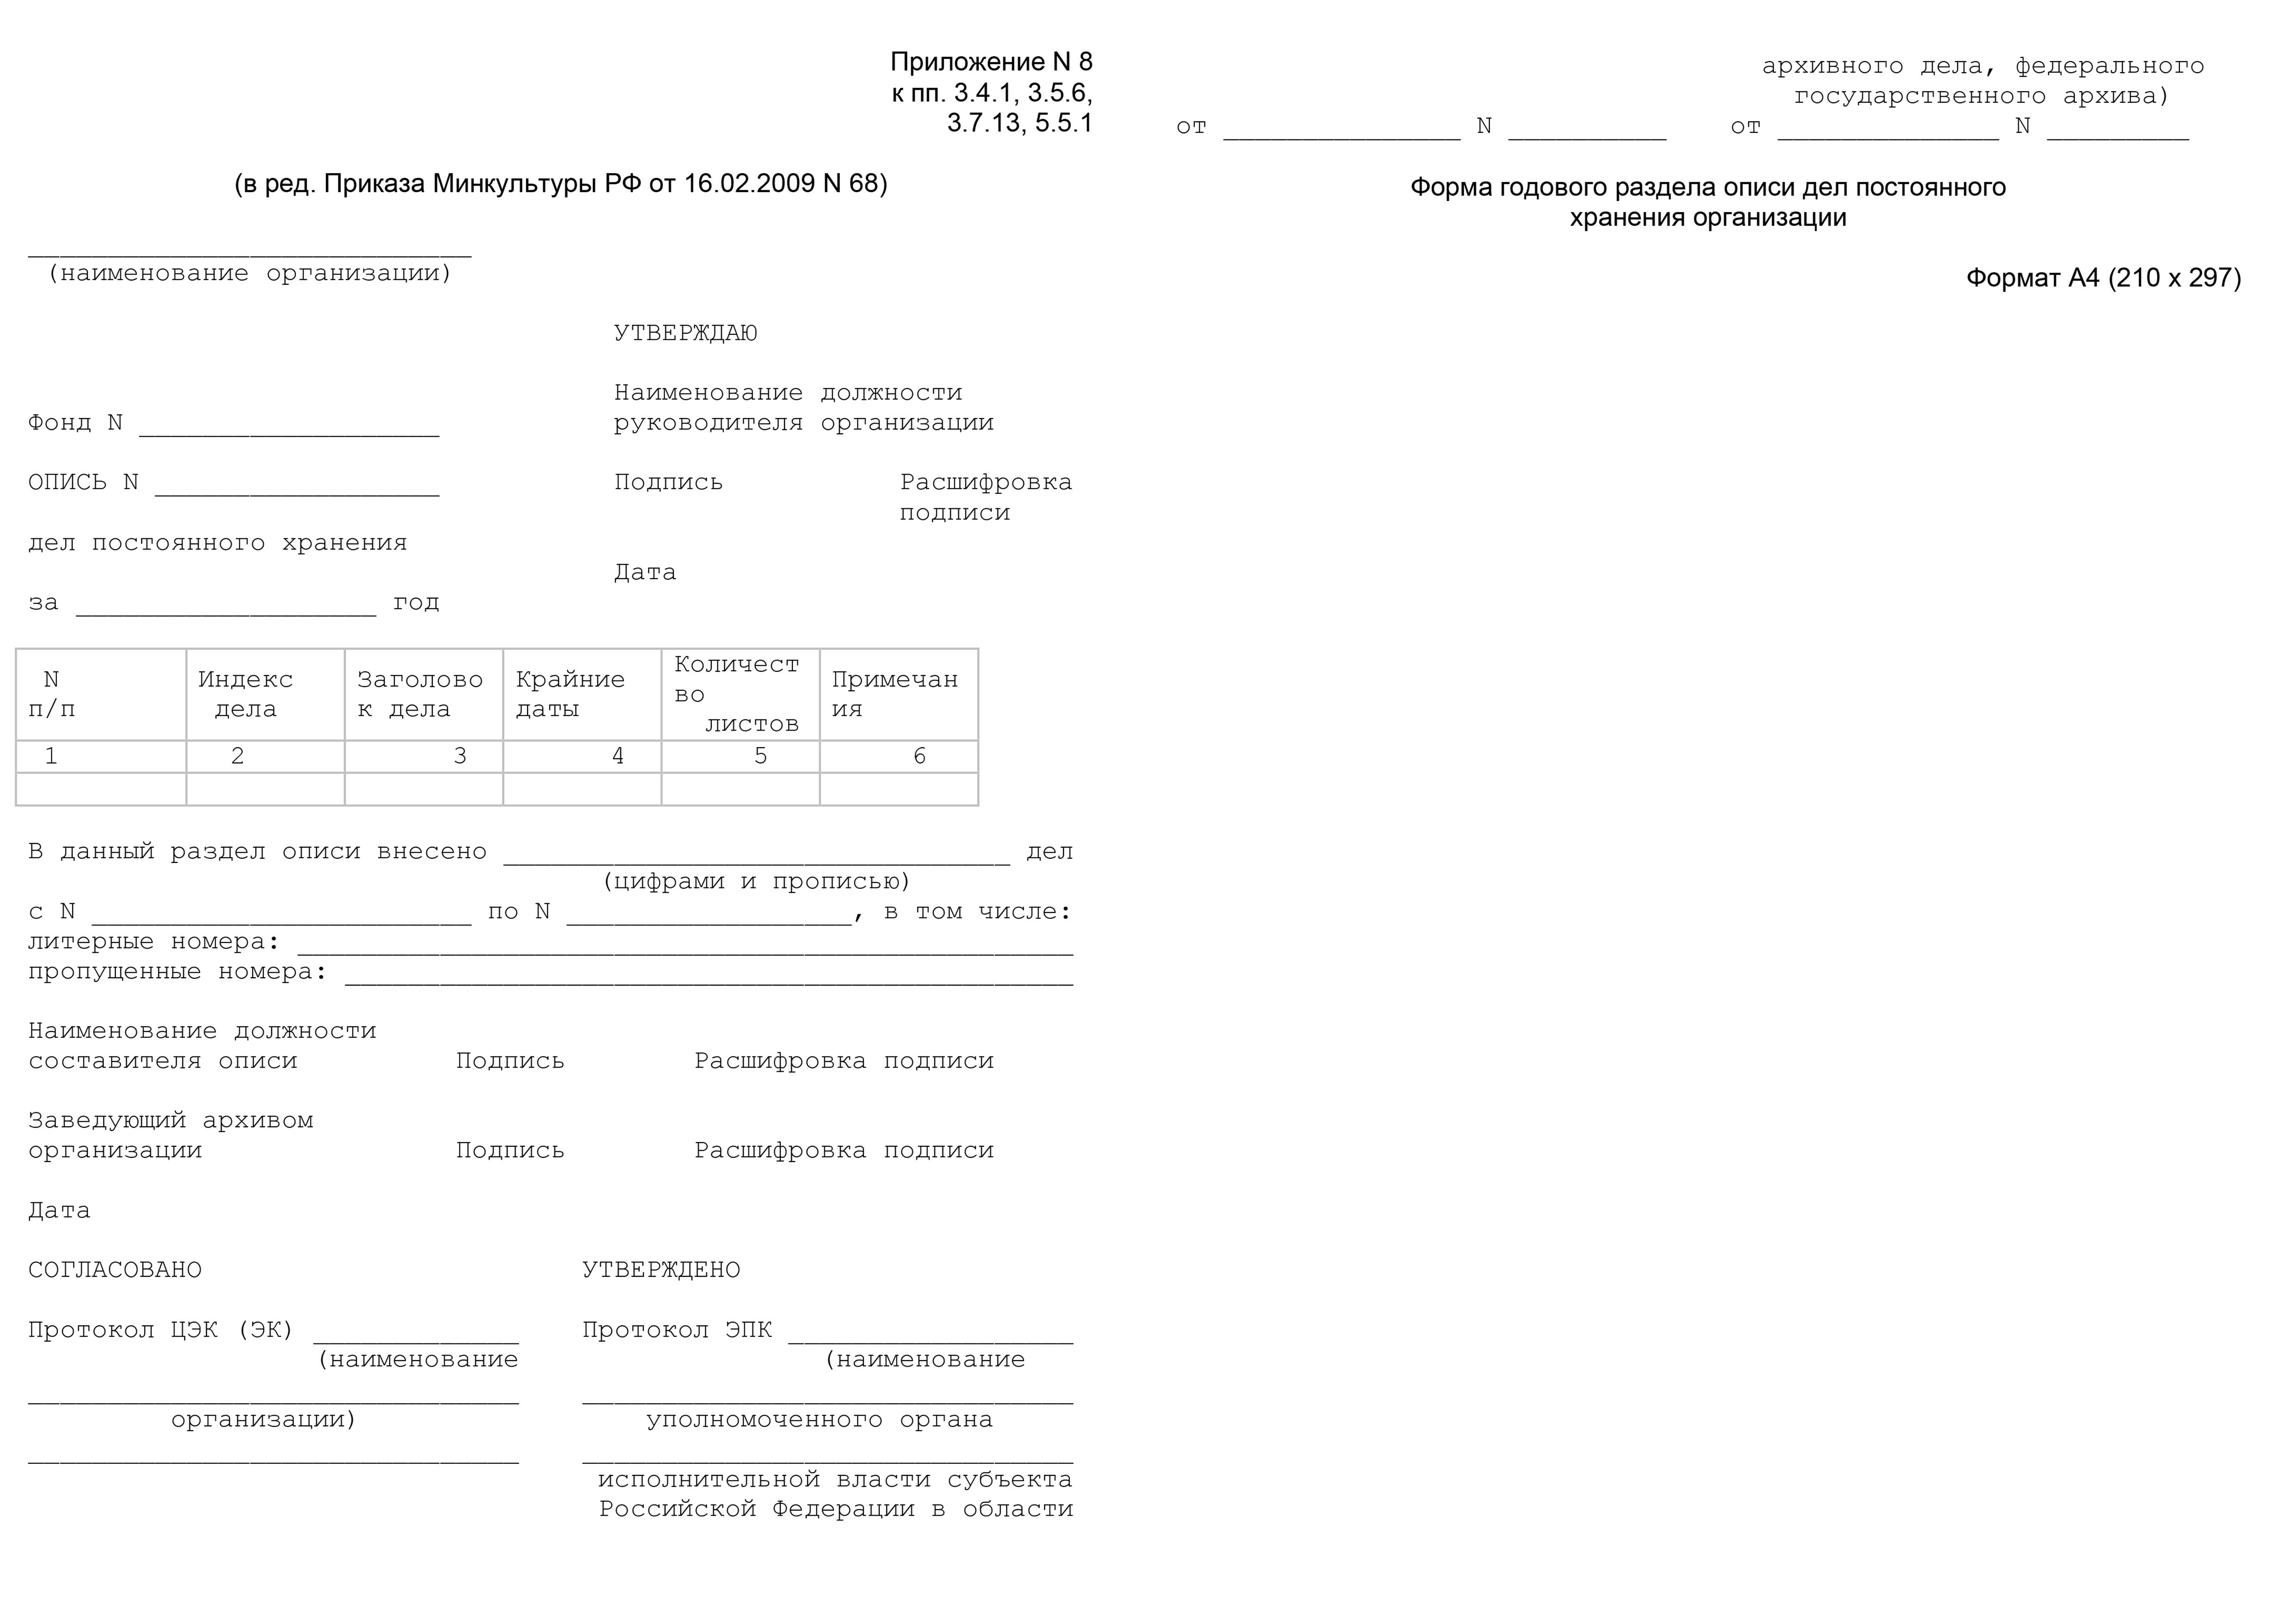 Инструкция о выявлении учете описании и хранении особо ценных документов